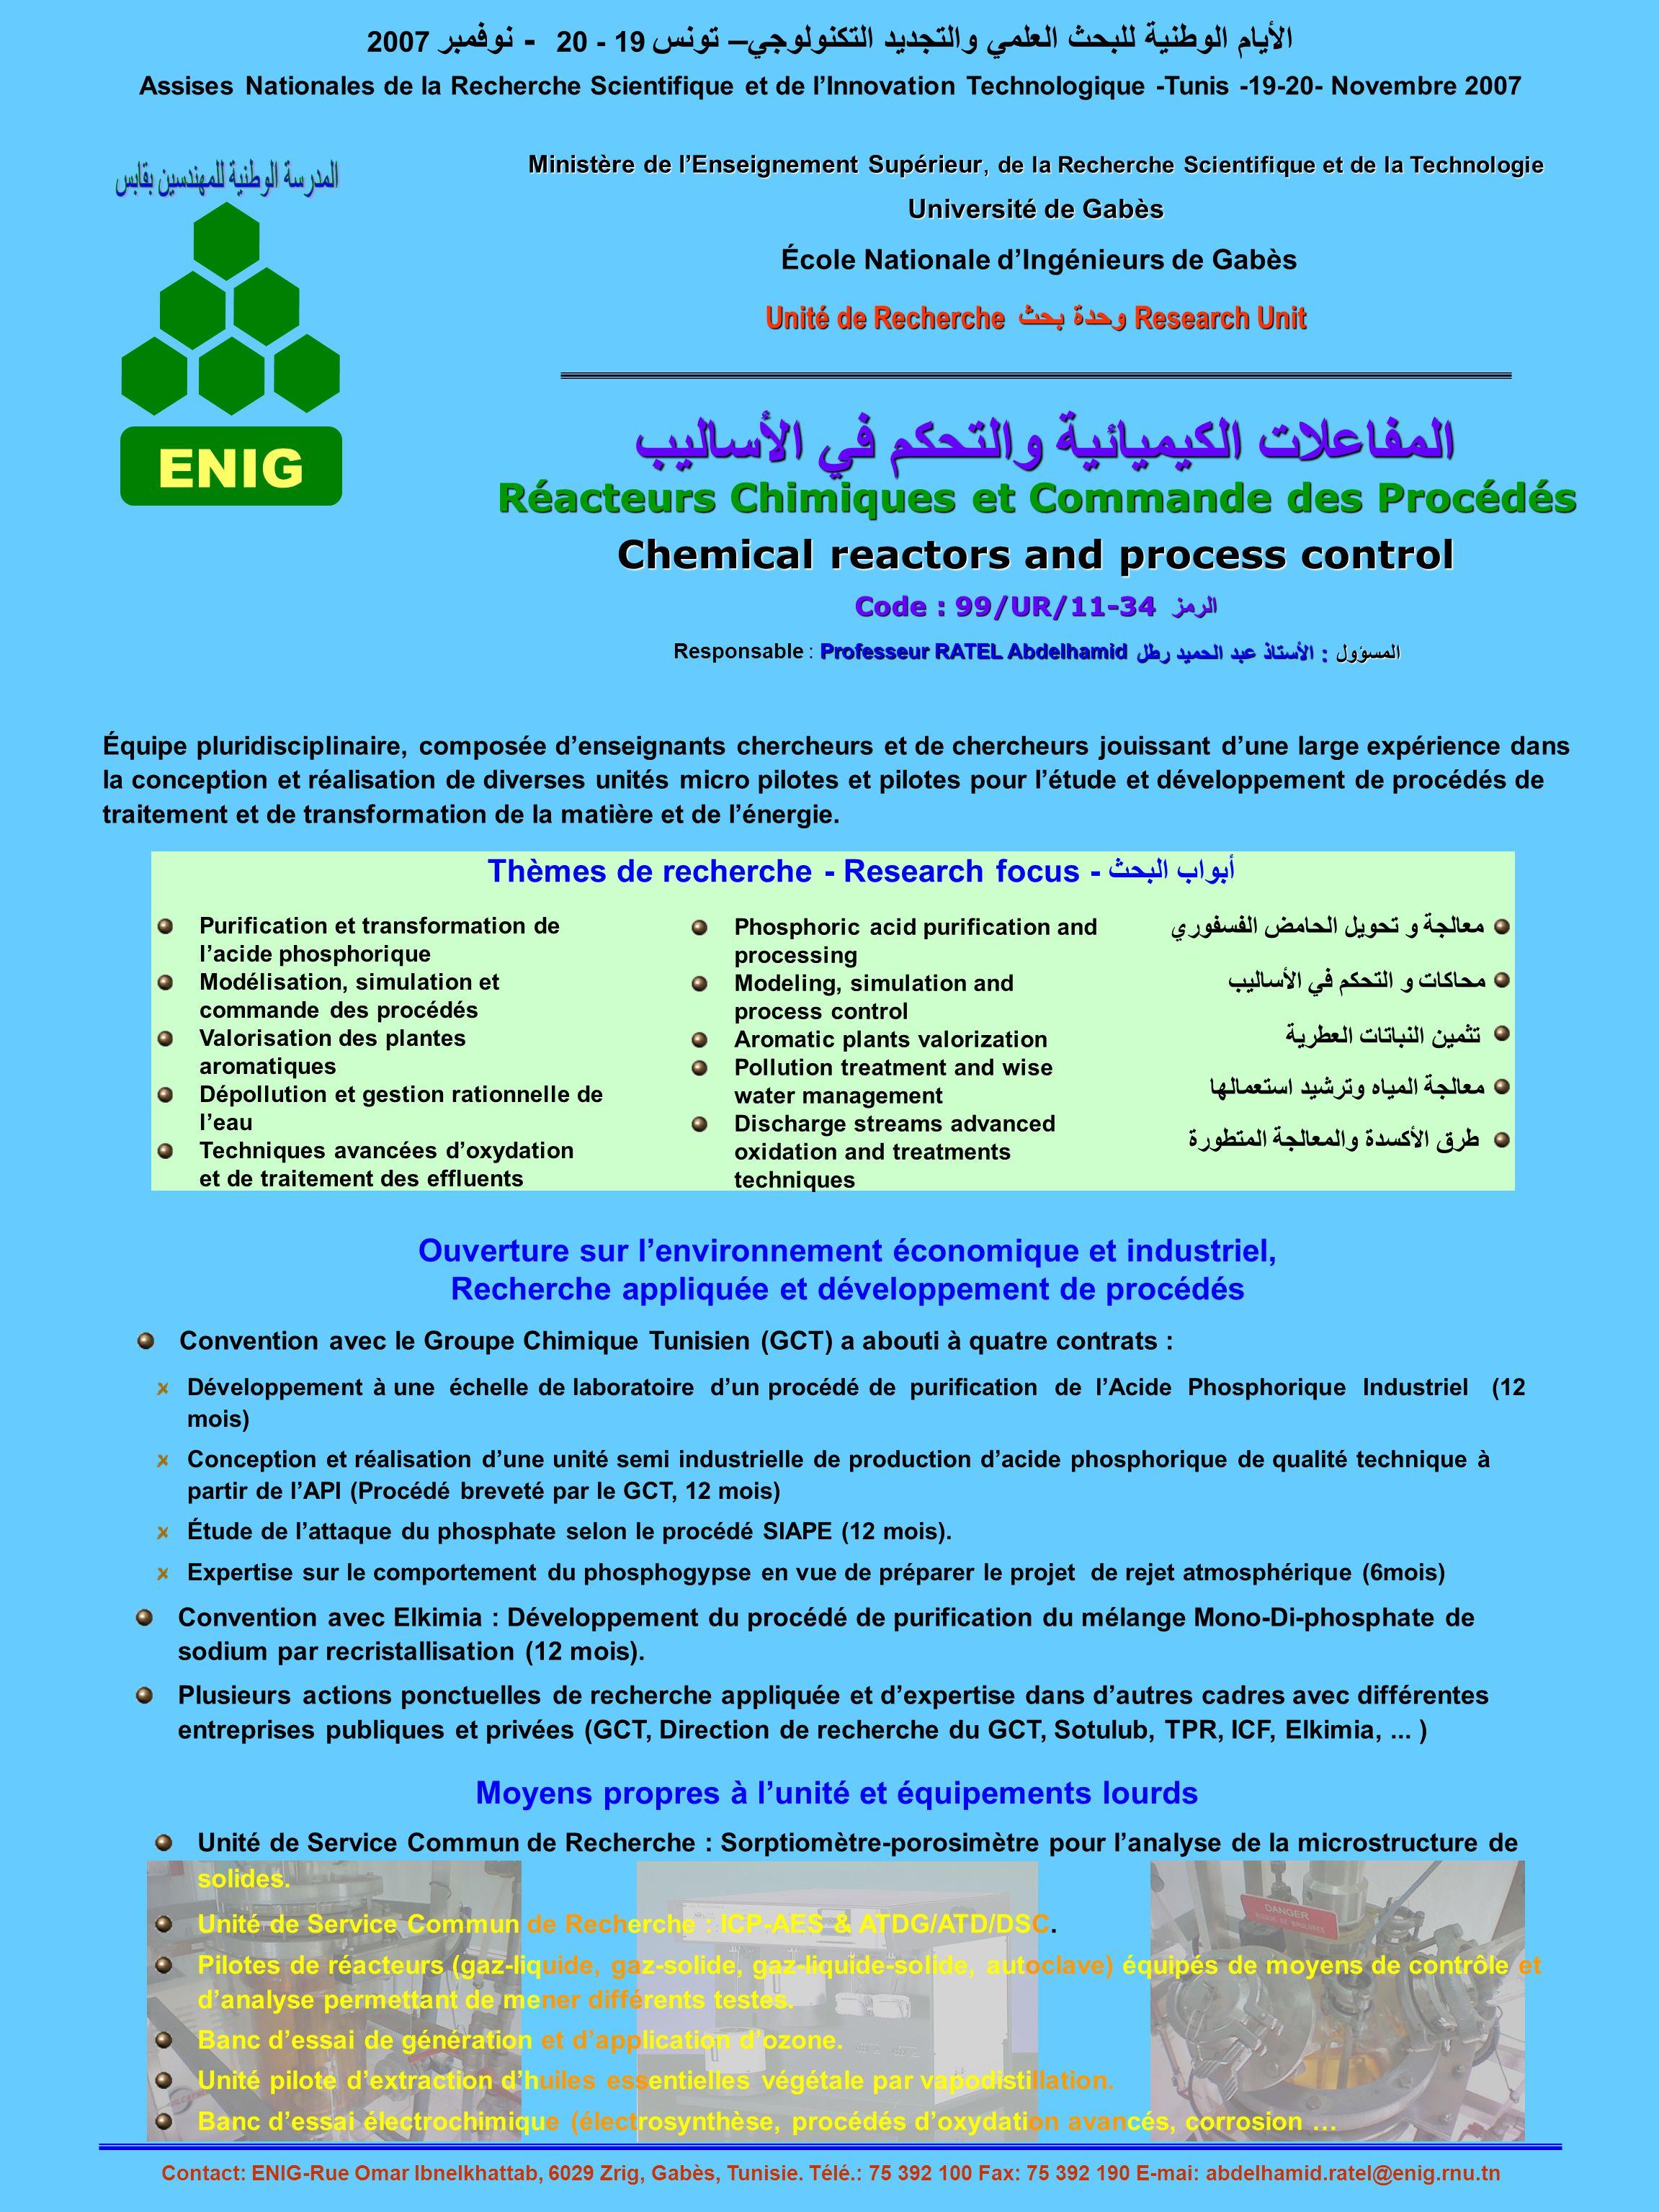 المفاعلات الكيميائية والتحكم في الأساليب